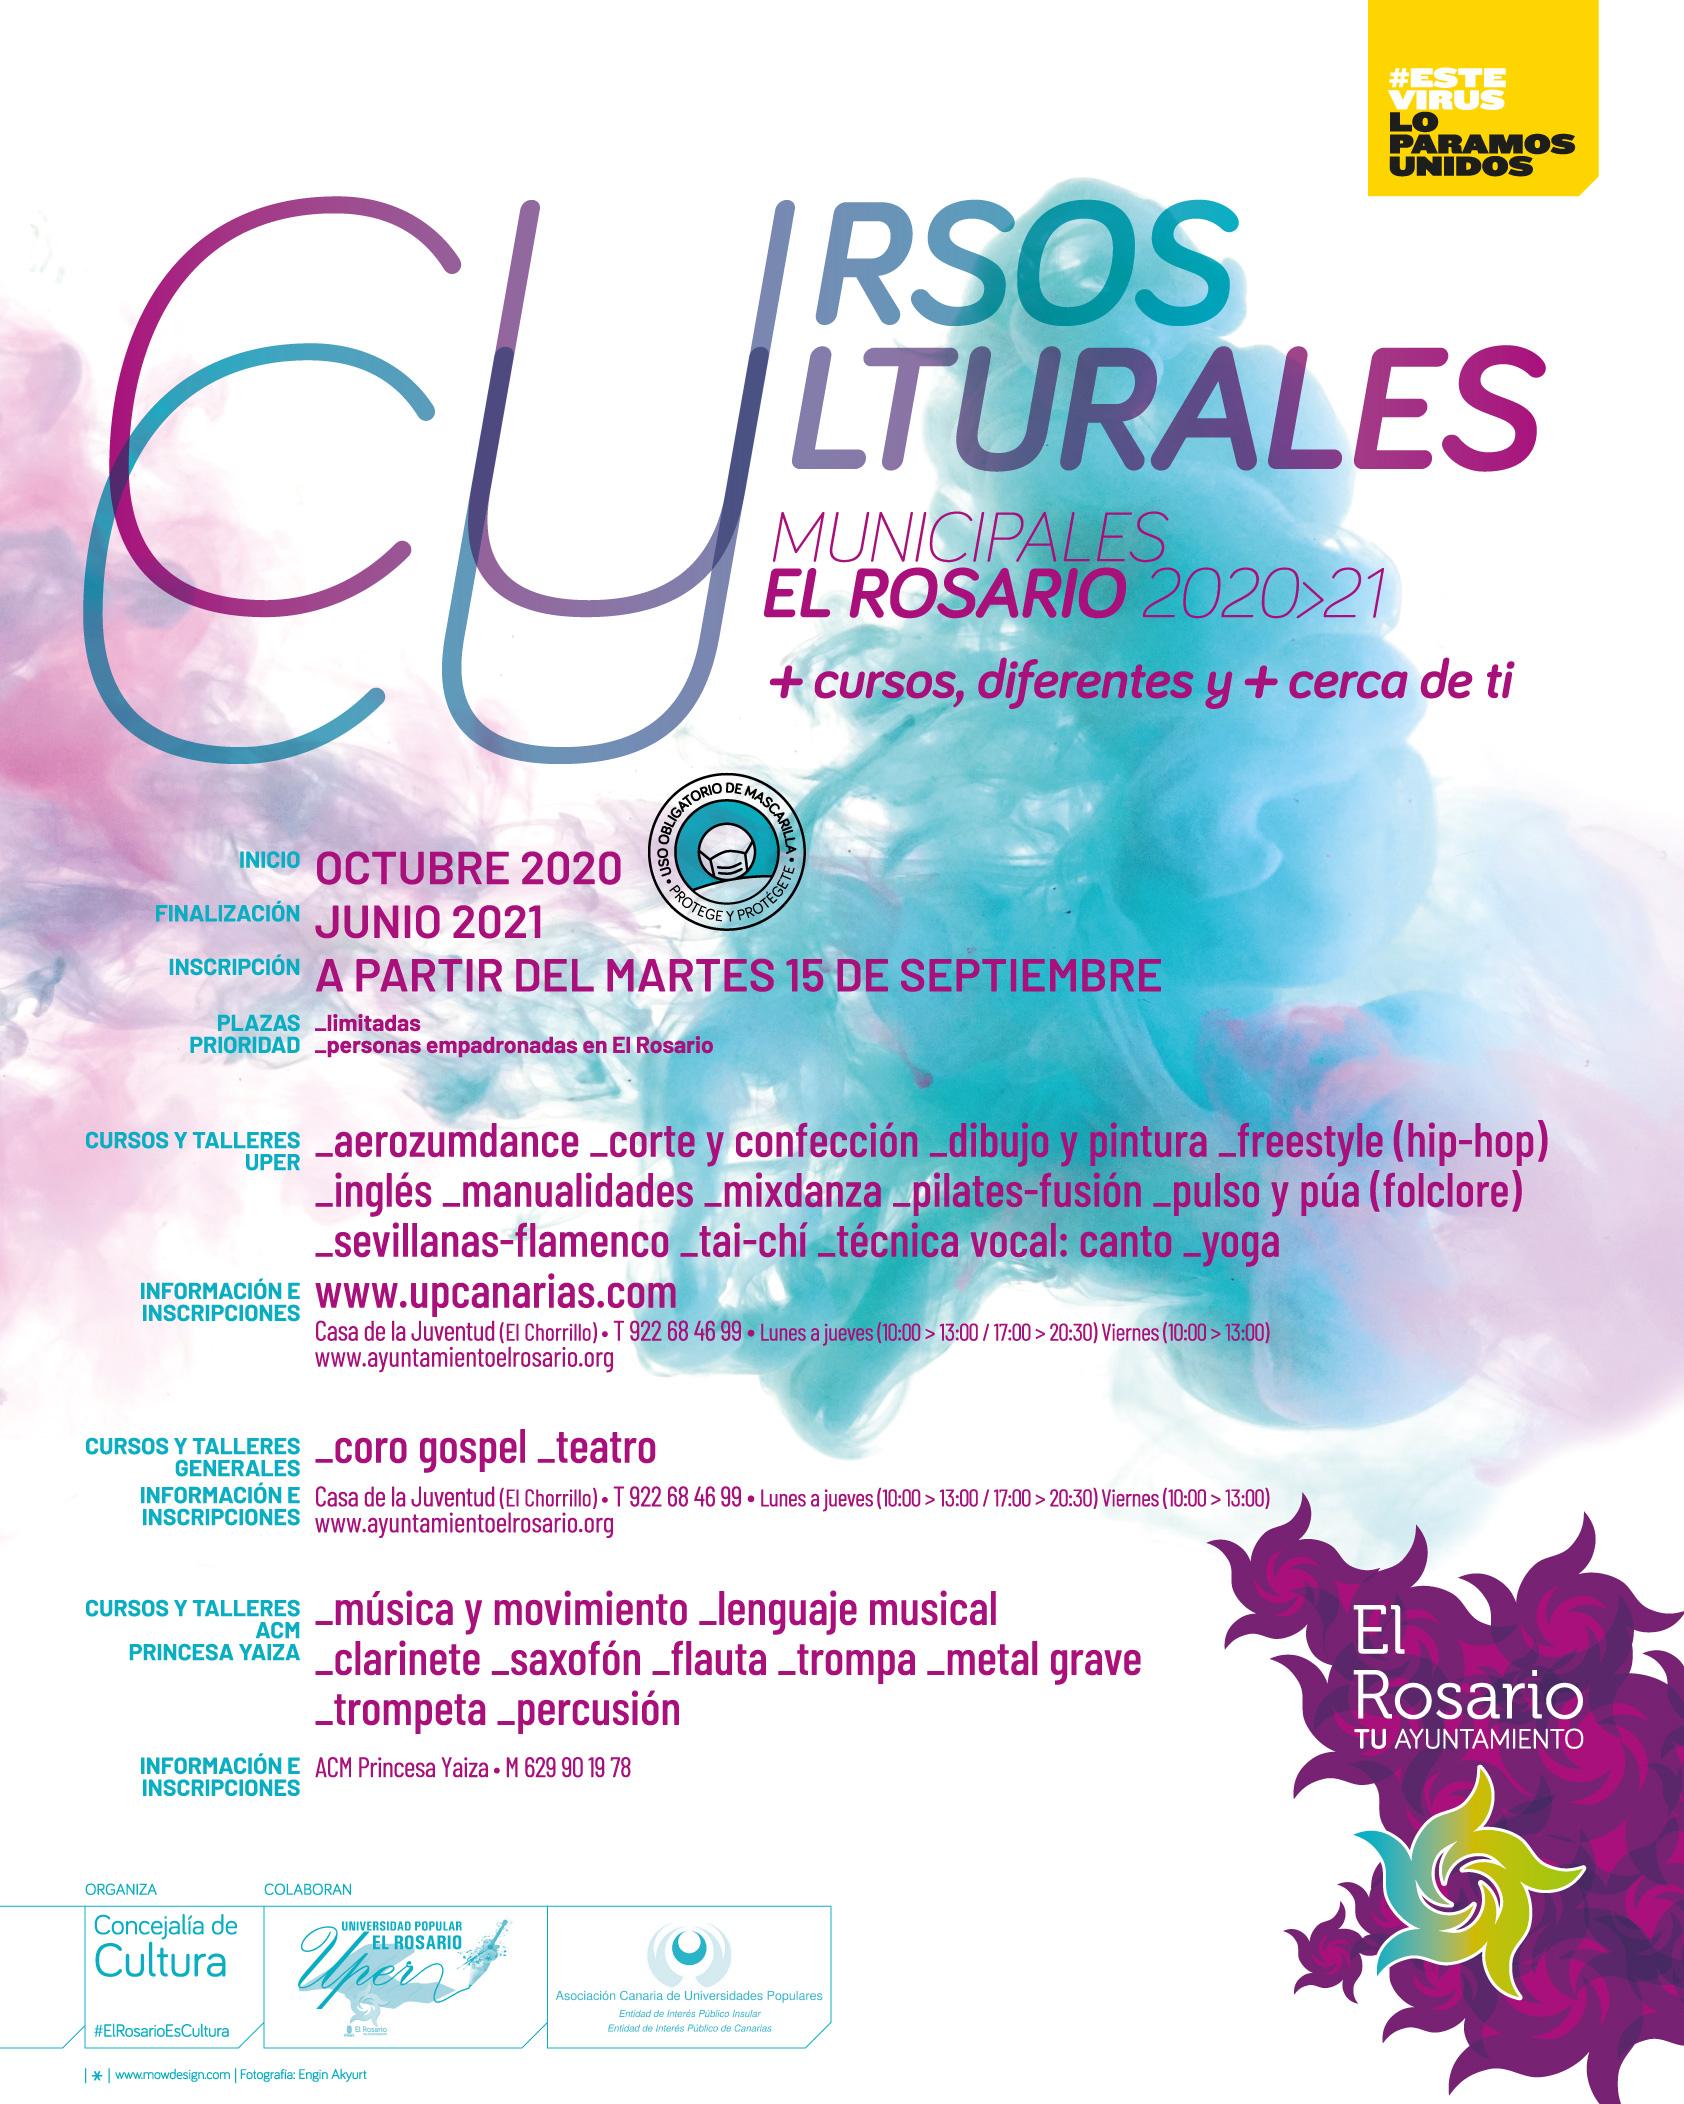 CURSOS_CULTURALES_2020-21-20200915-CARTEL_A3-20200910-02af-redes